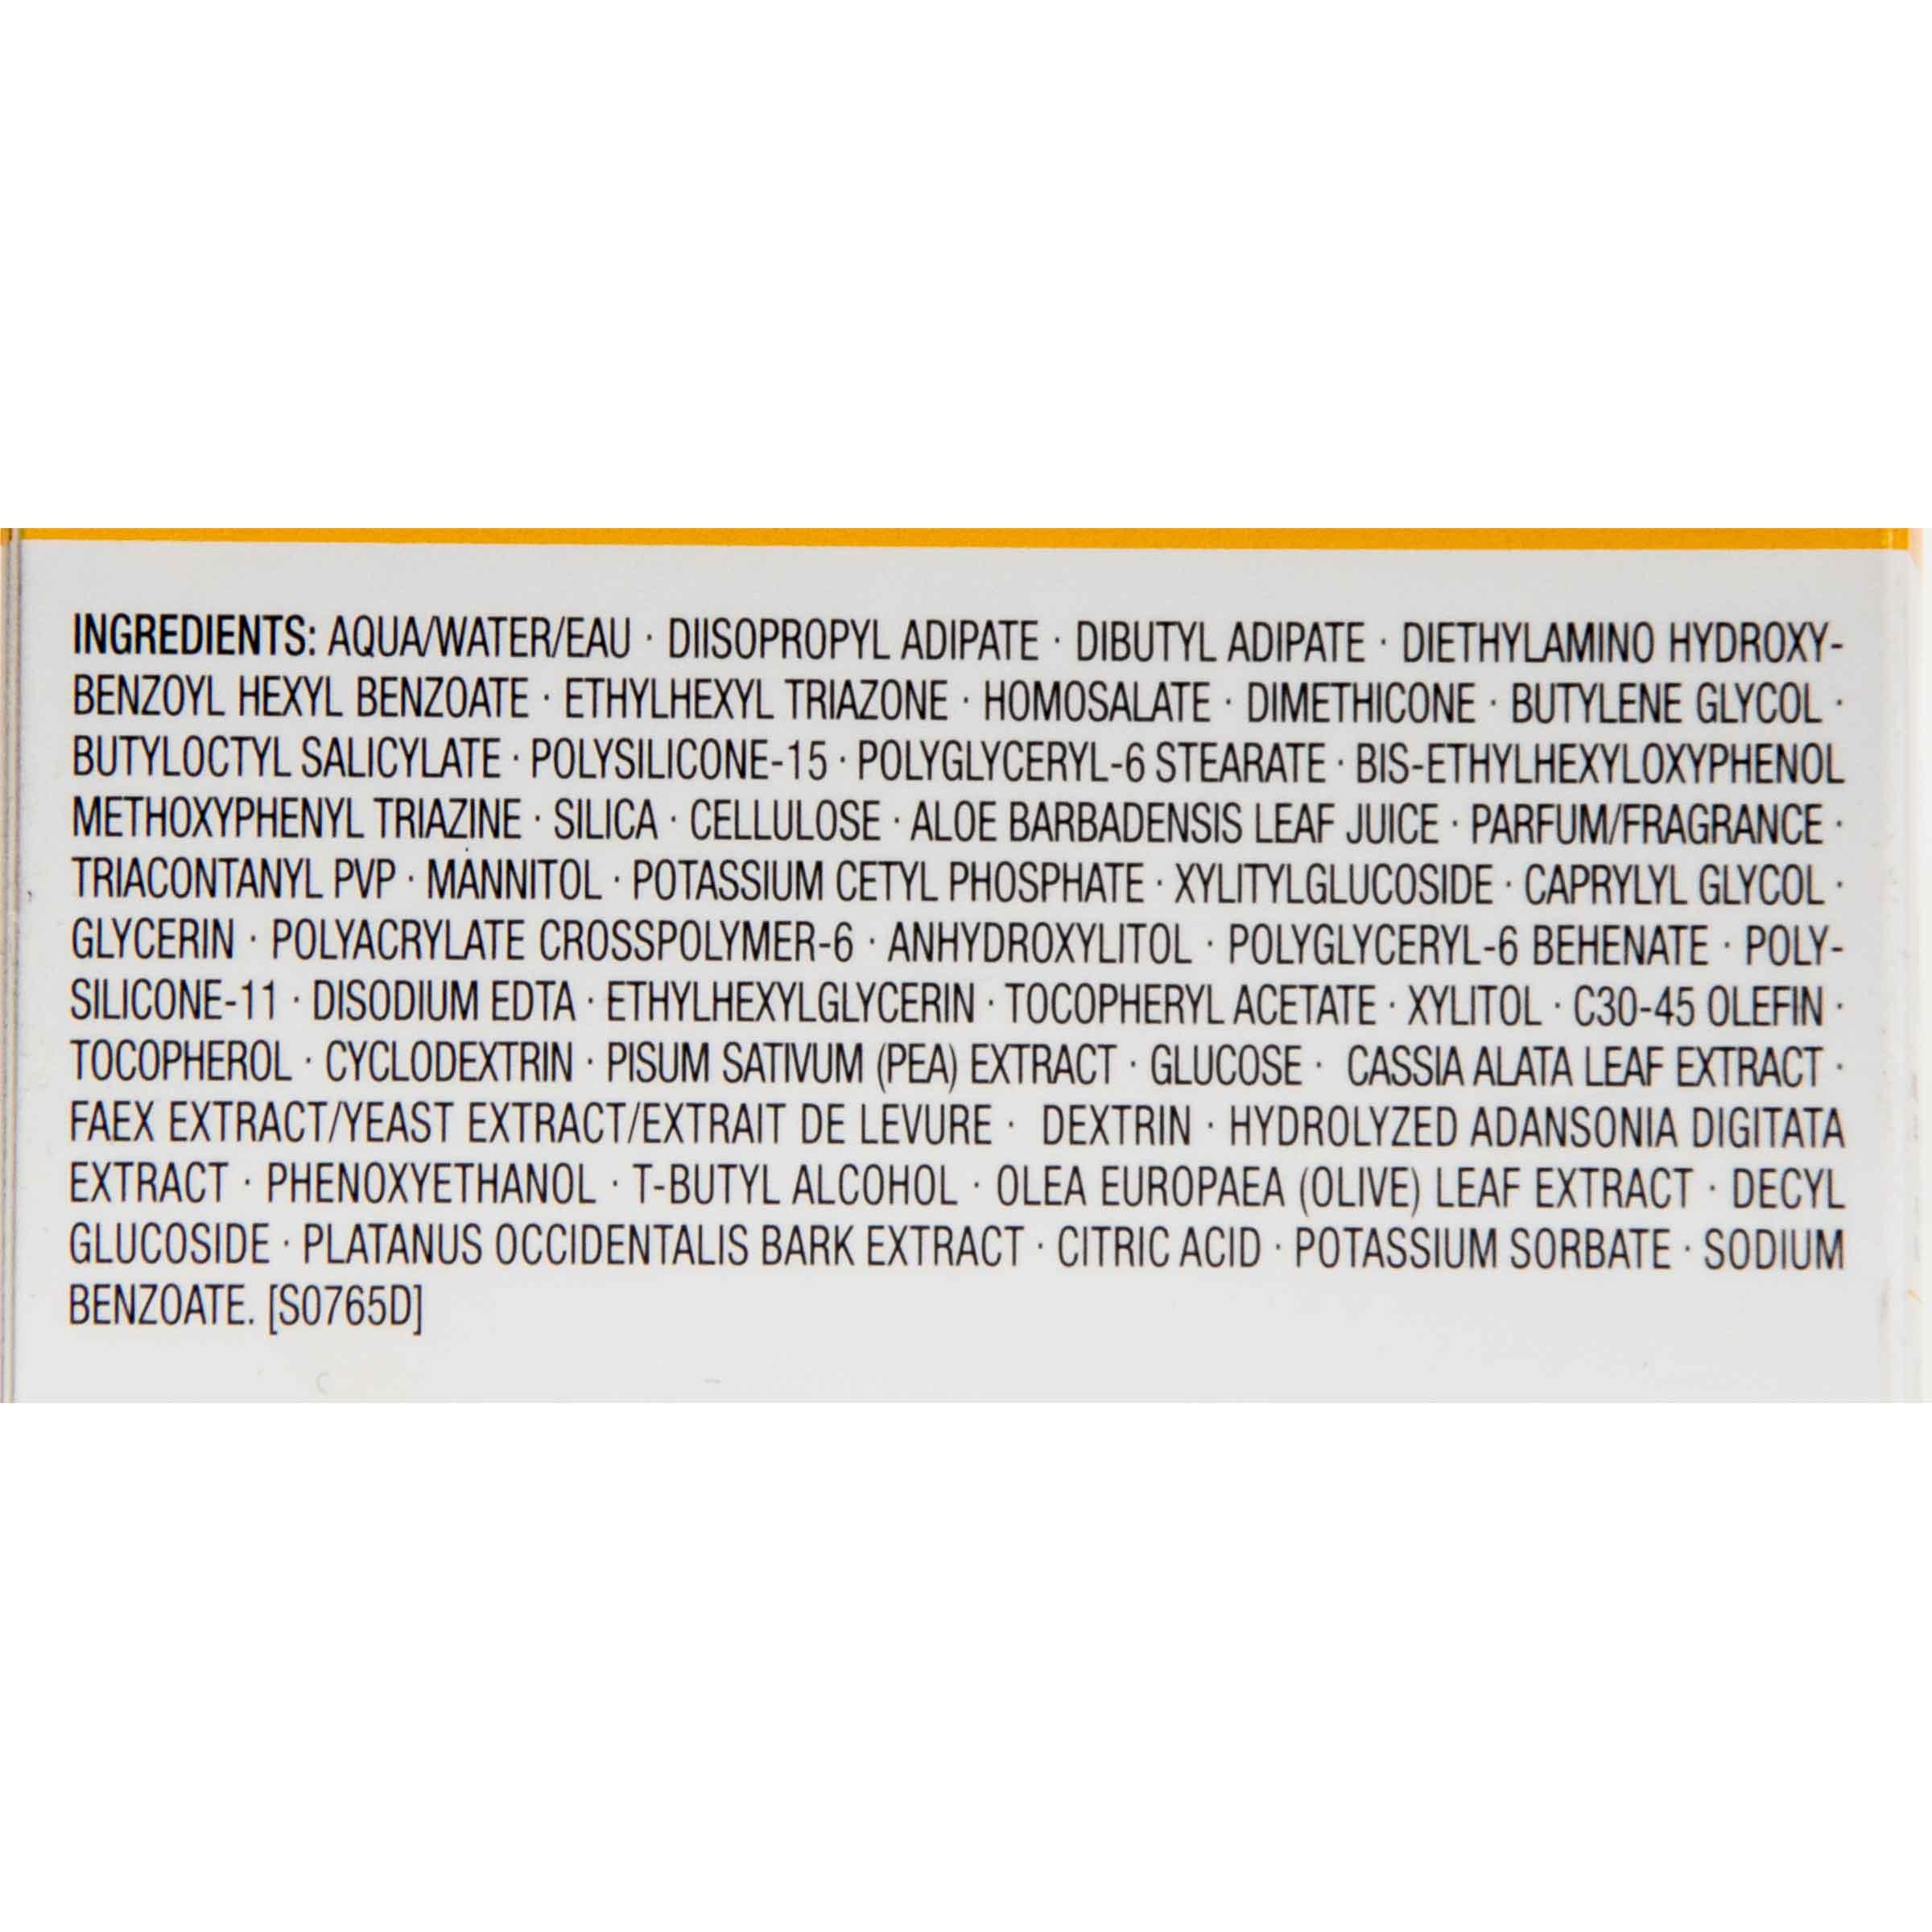 Clarins Crème solaire corps - Liste des ingrédients